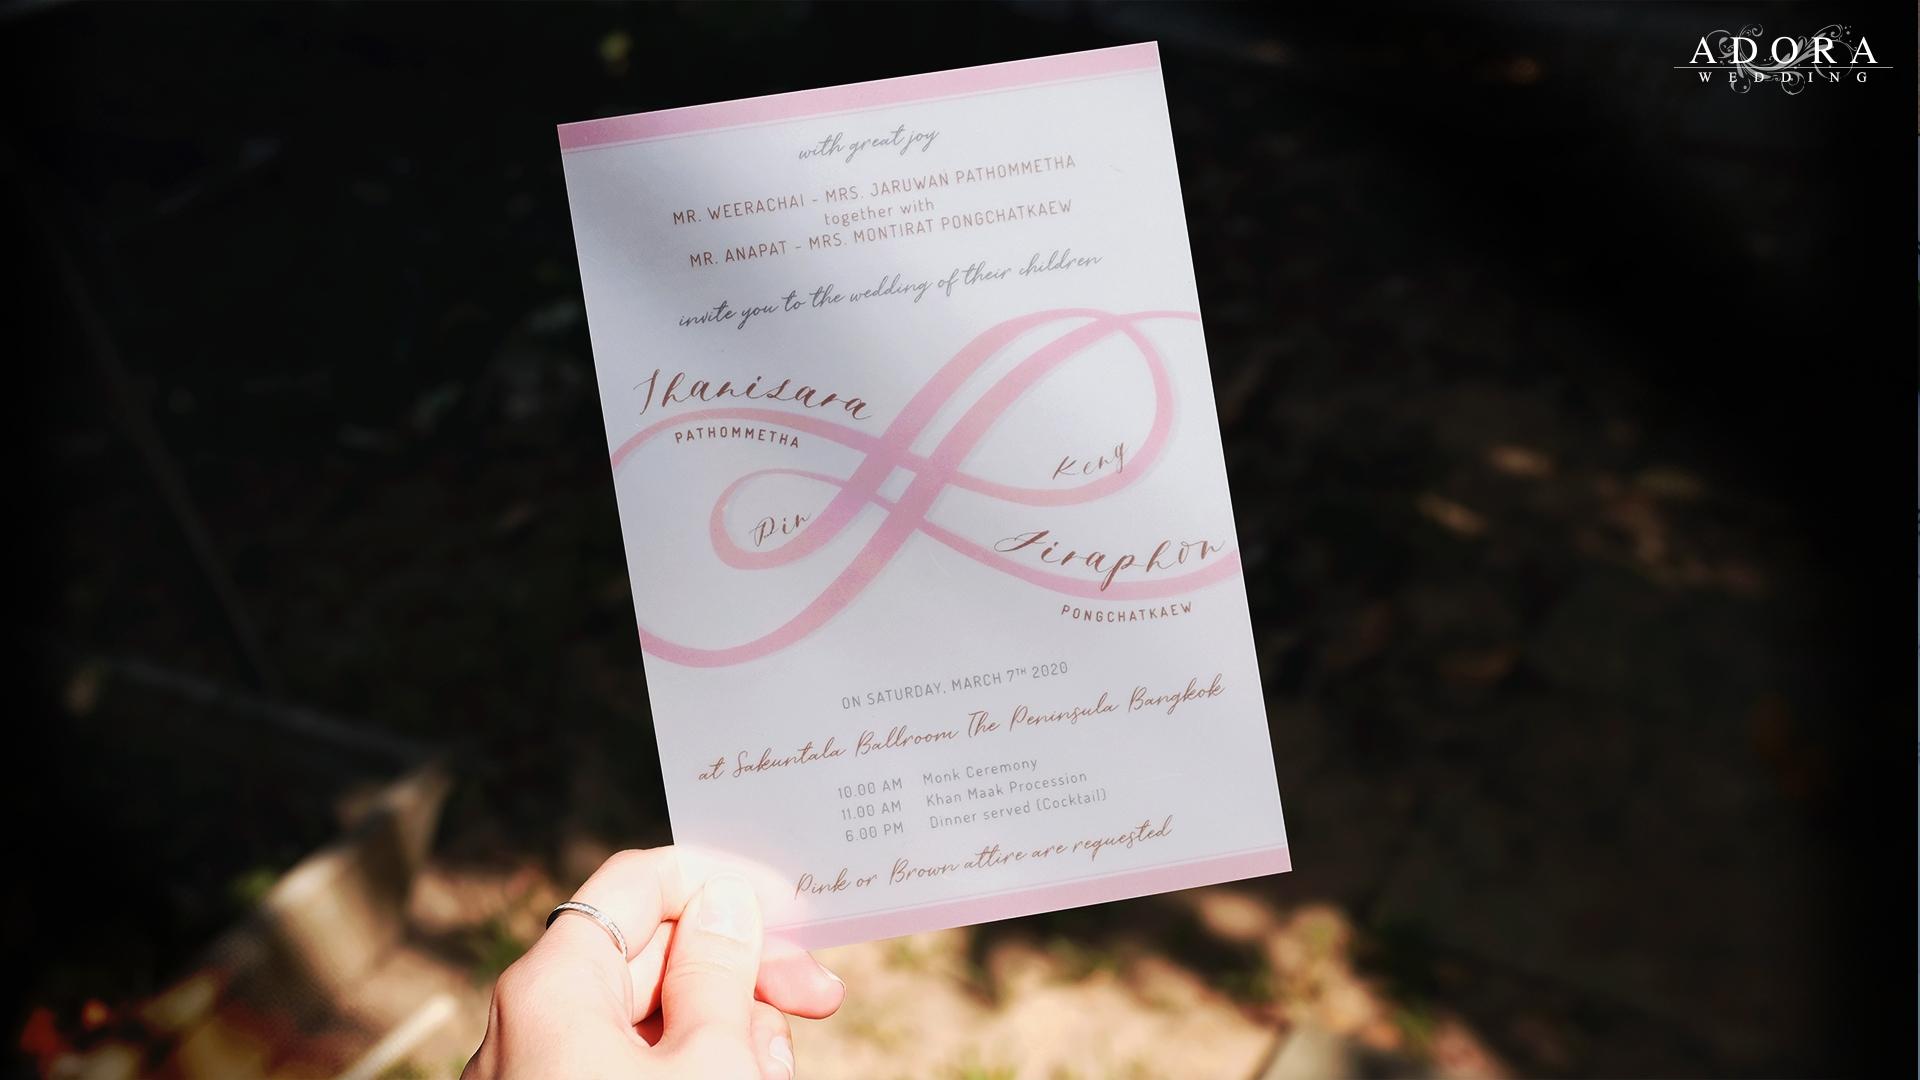 B087LM-wedding-card-6